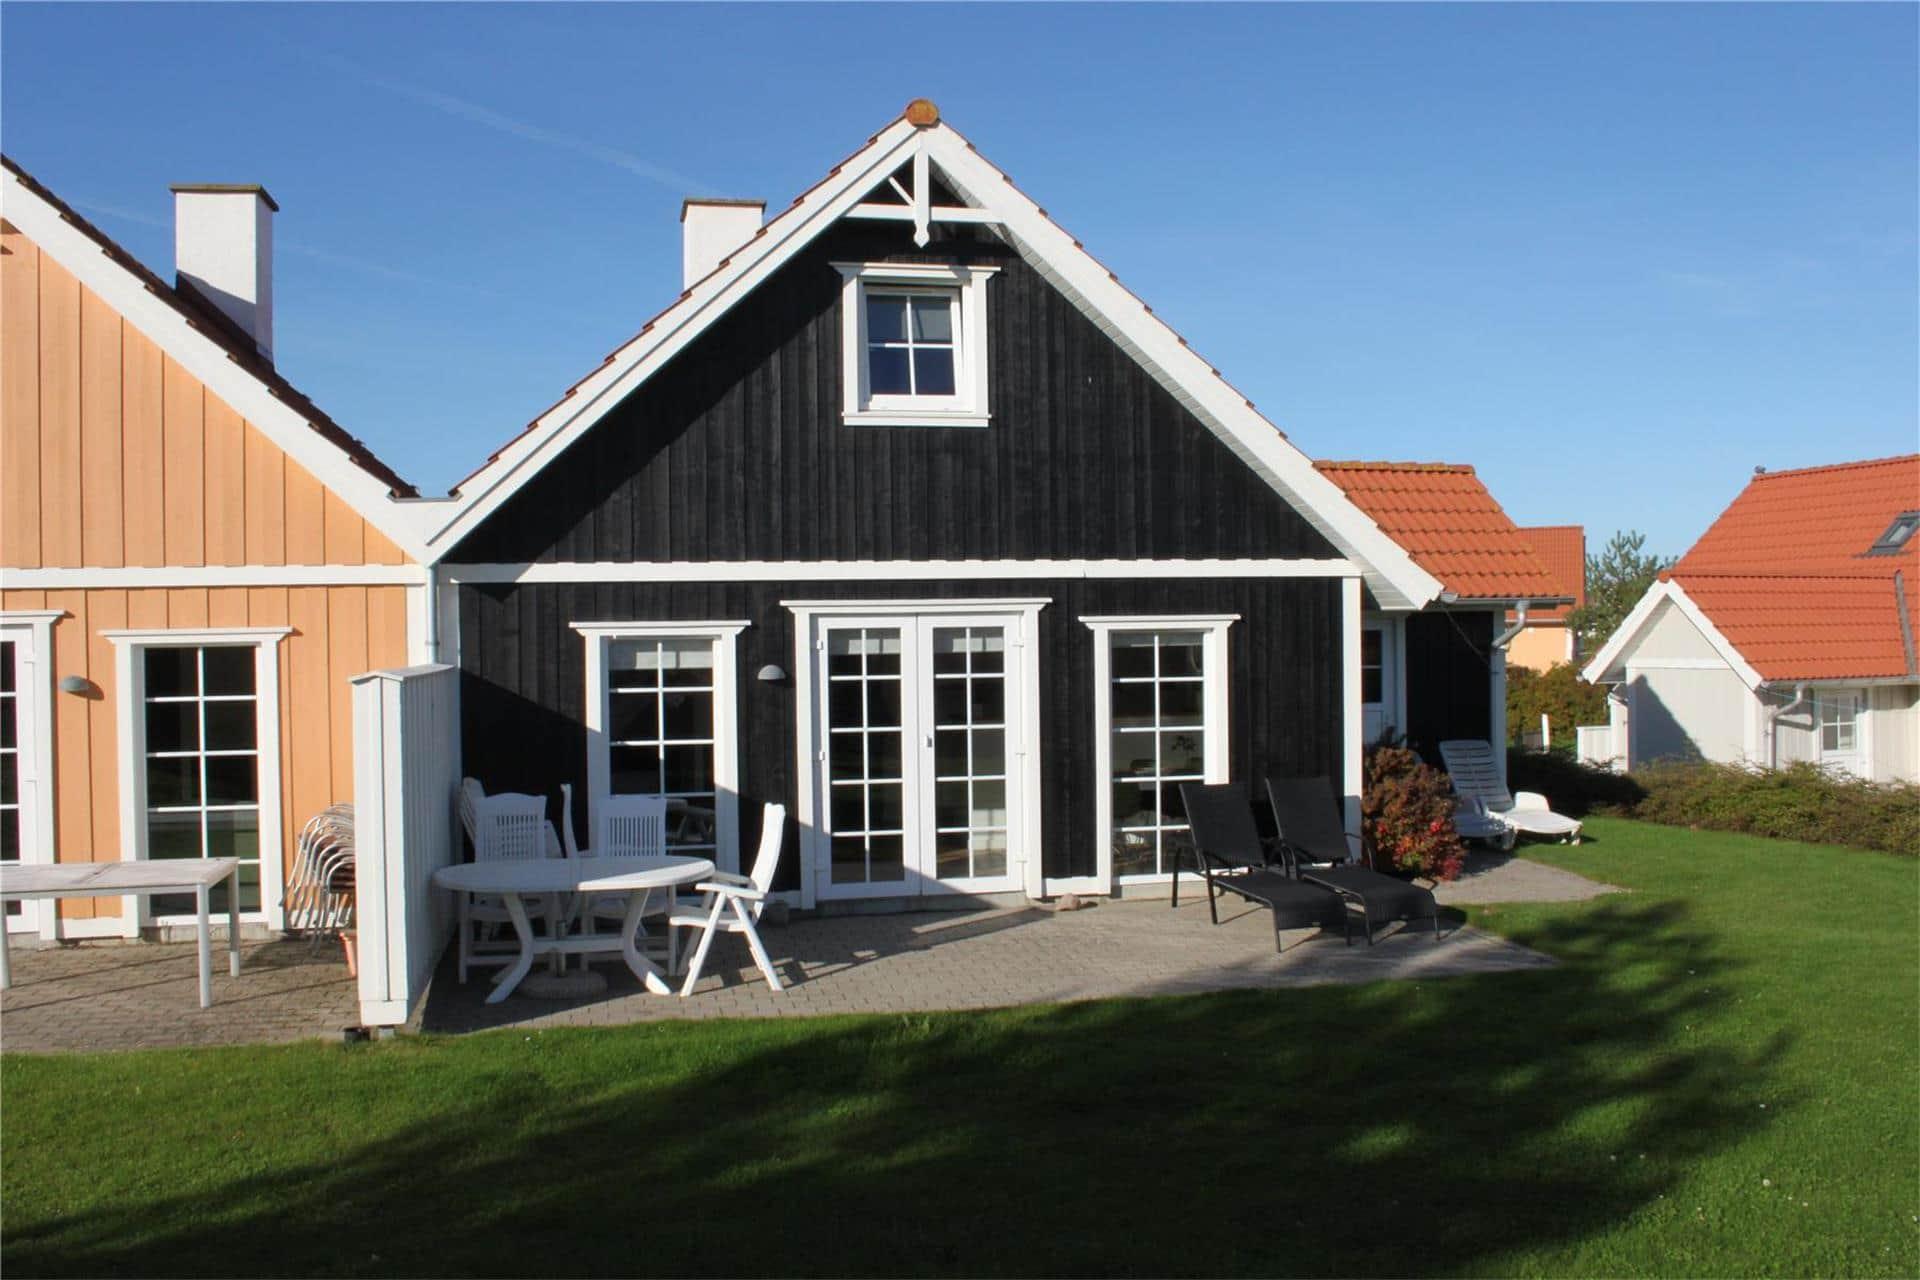 Billede 1-3 Sommerhus M64344, Strandgårdsvej 33, DK - 5464 Brenderup Fyn